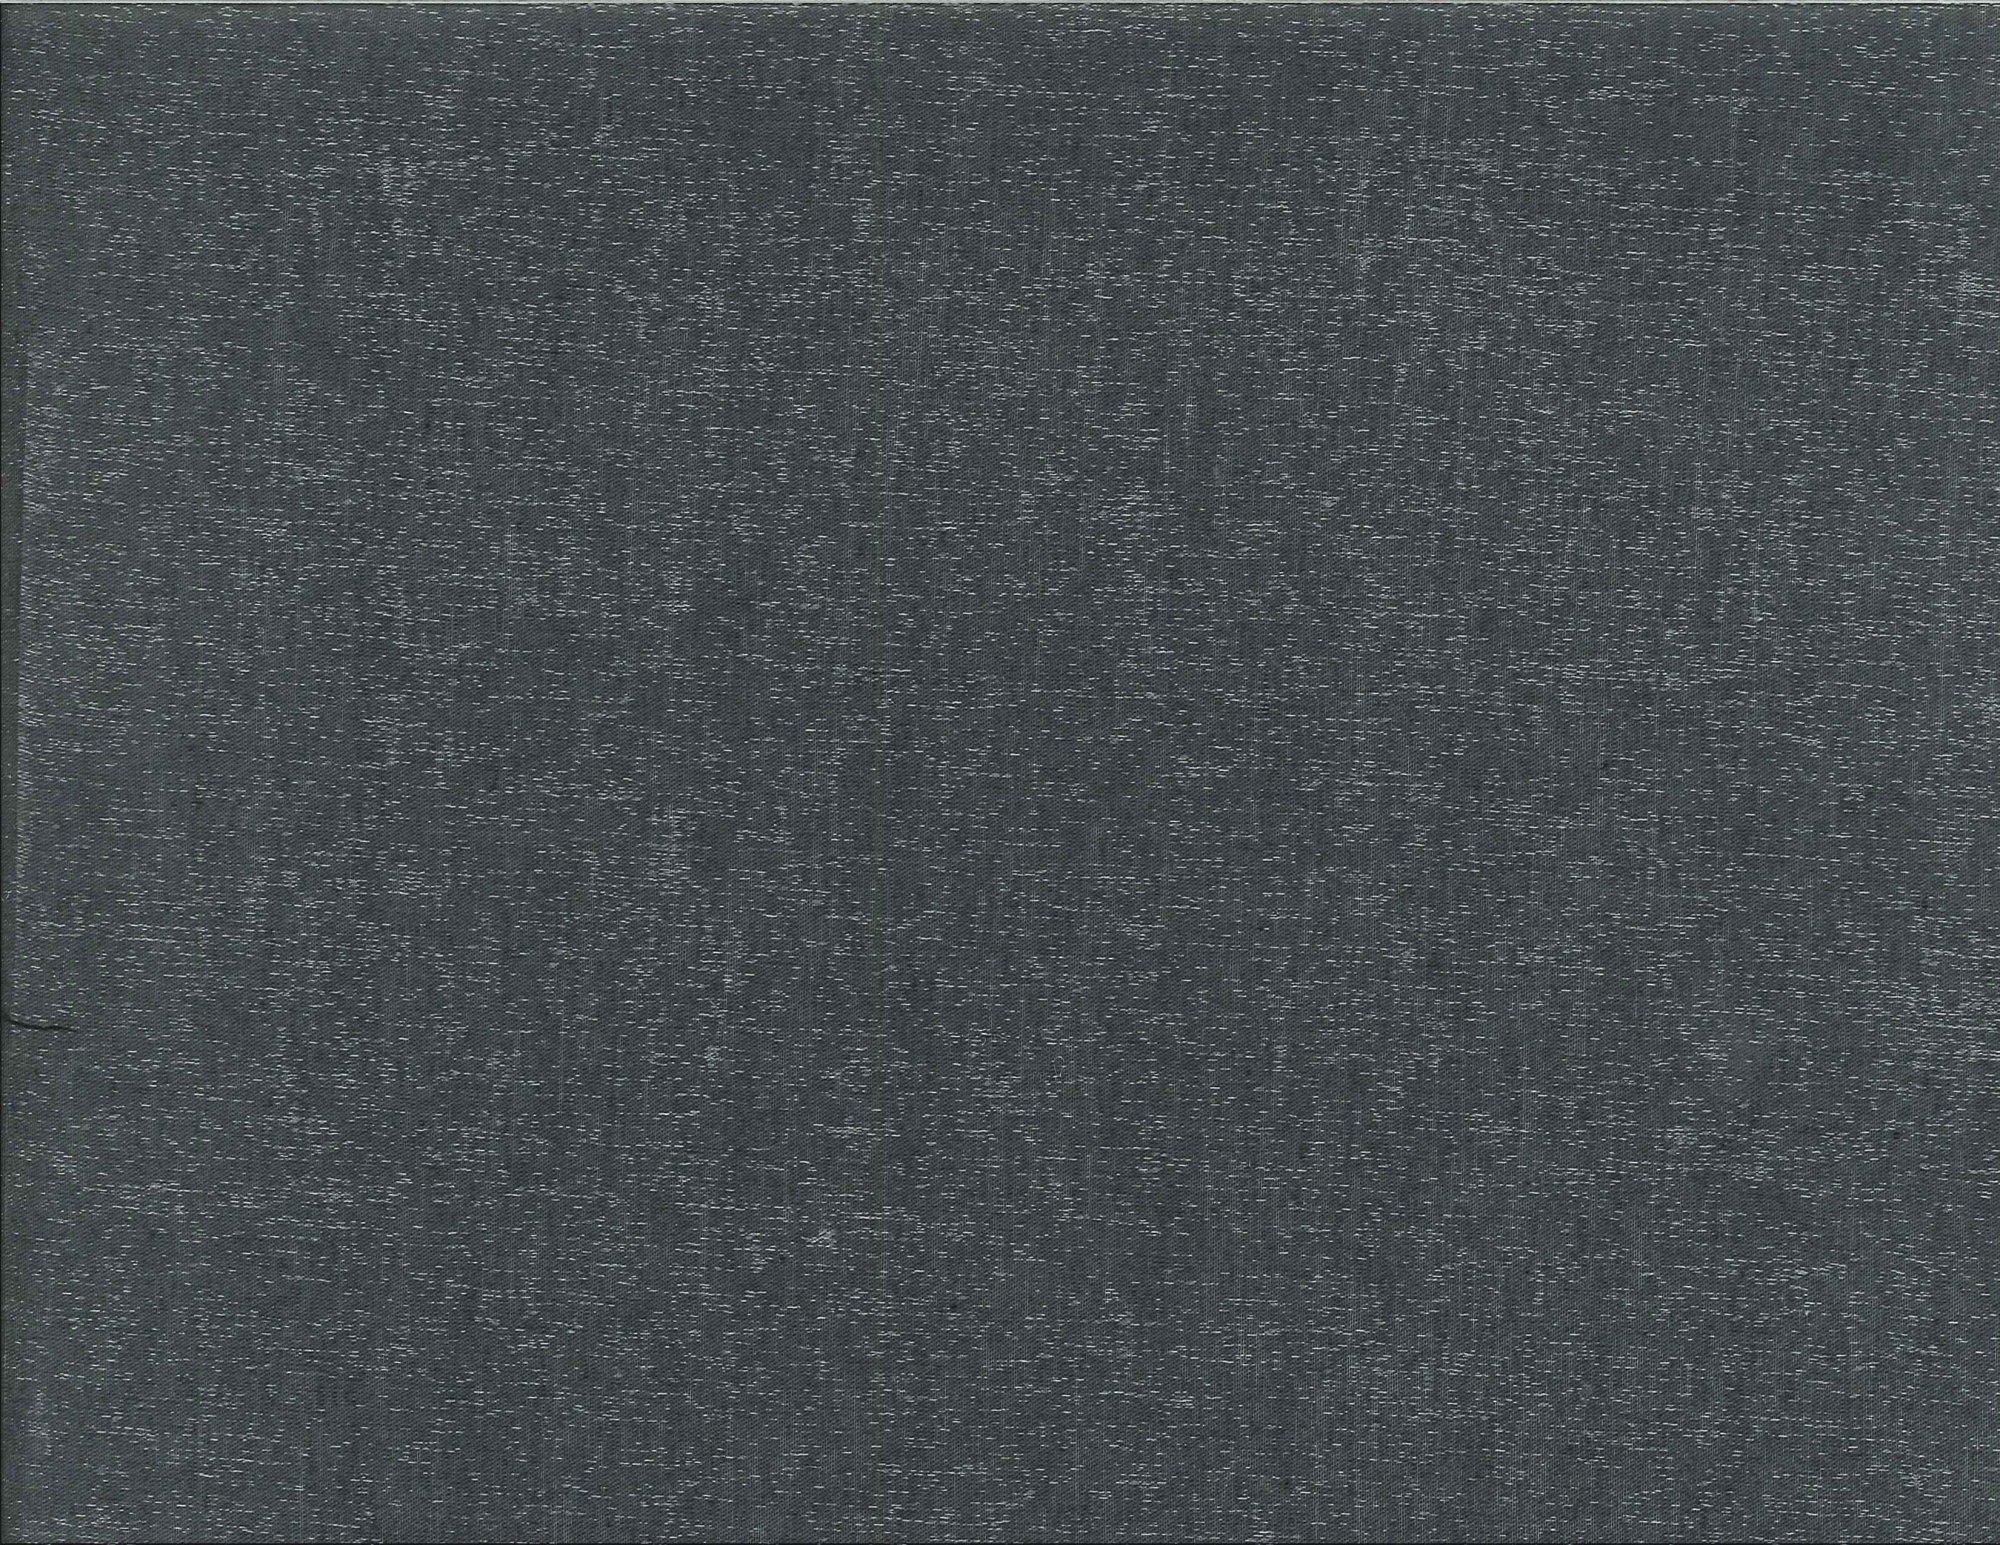 ORIOLE SHIMMER STEEL GREY